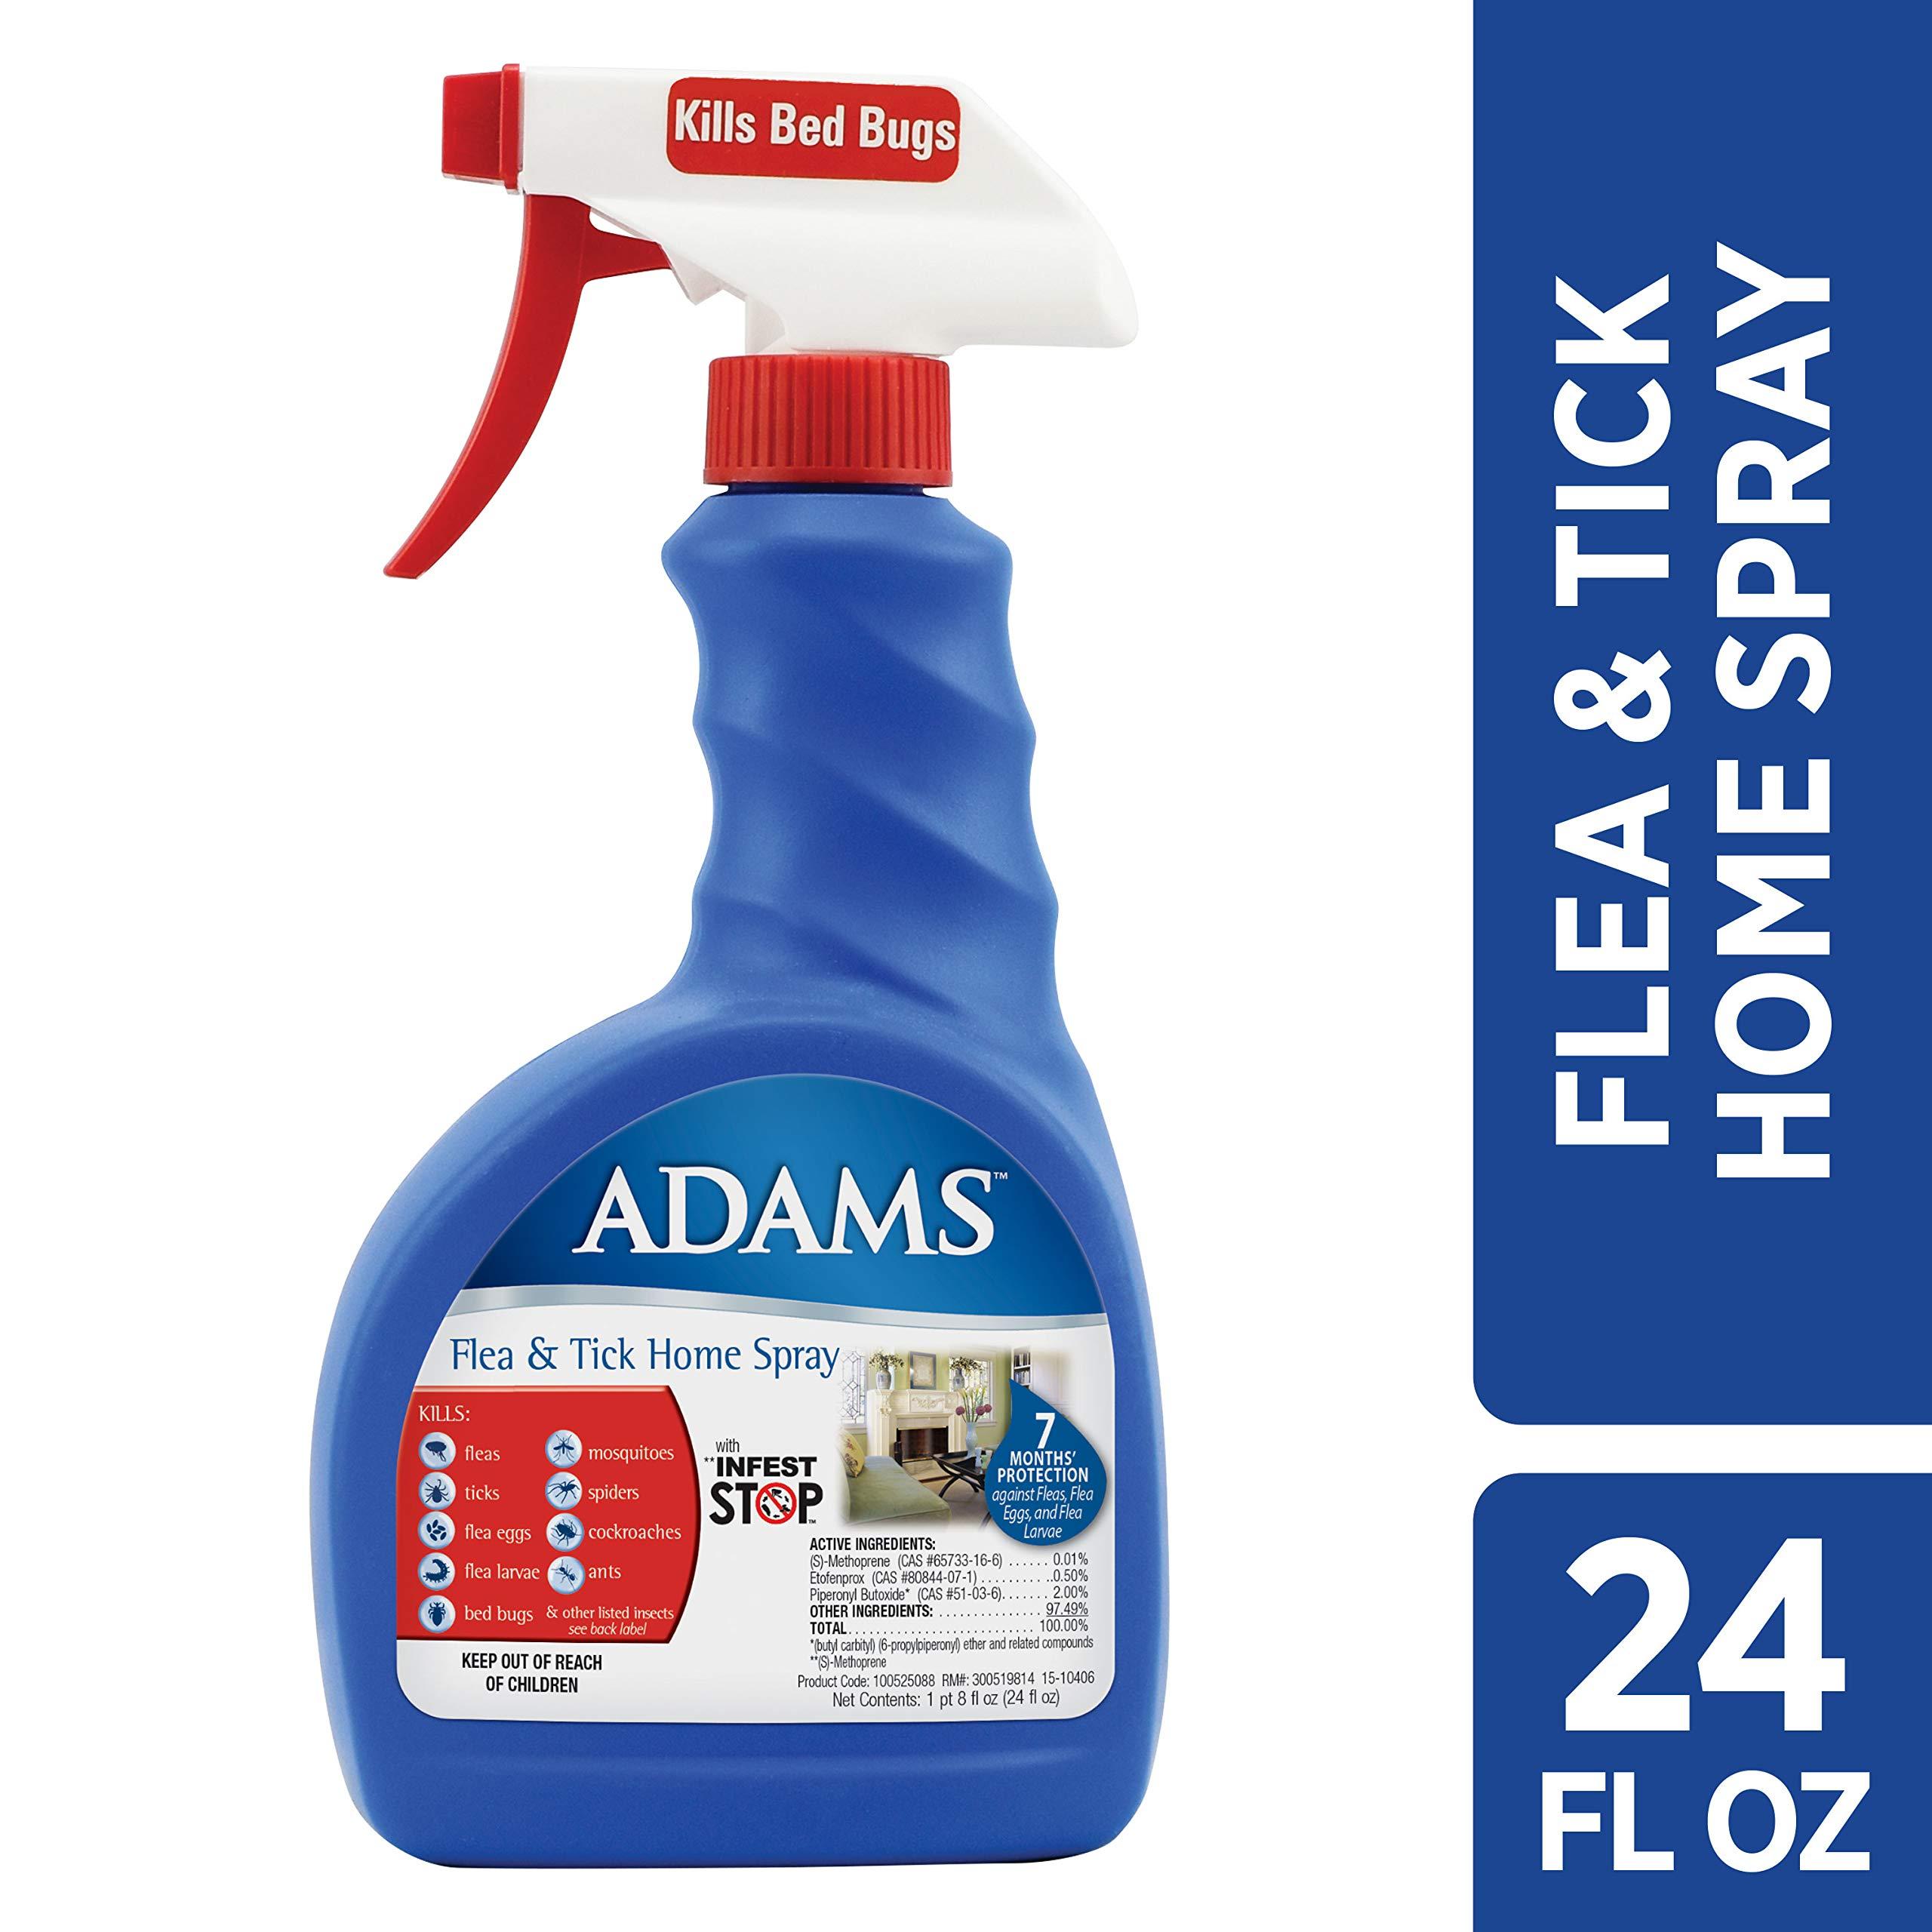 Adams Flea Tick Home Spray